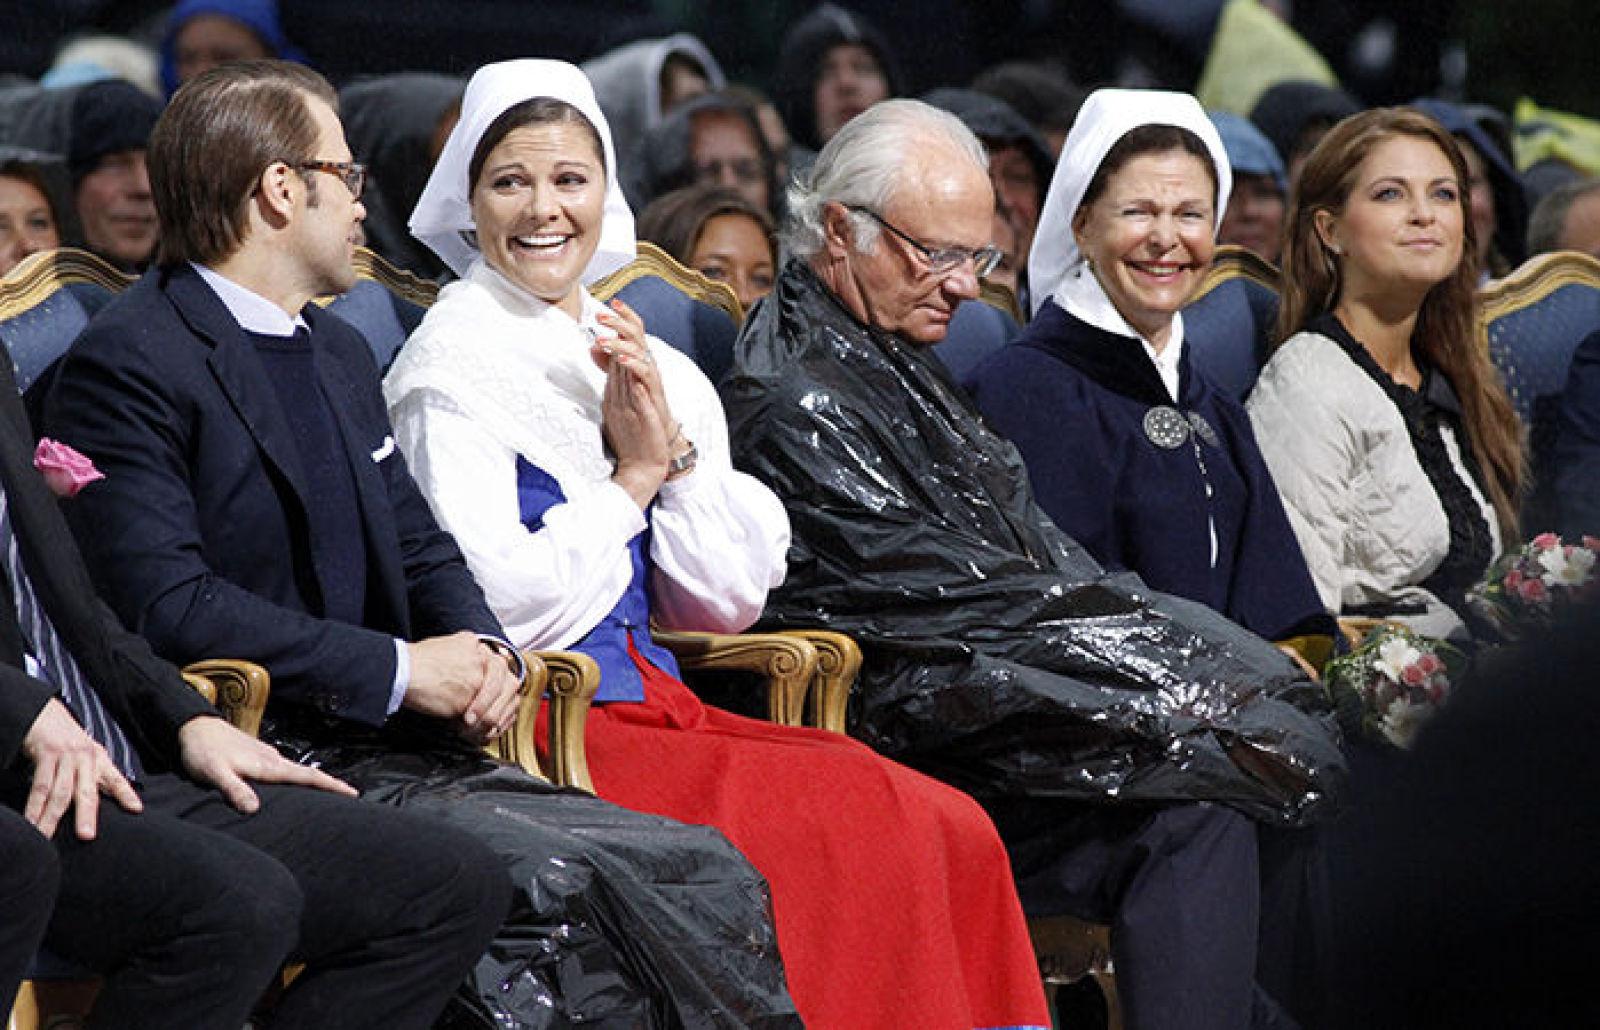 Празднования дня рождения 2010 г — и неожиданный дождь заставил королевскую семью использовать в качестве дождевика огромные черные мусорные мешки (новые, ест-но:)))